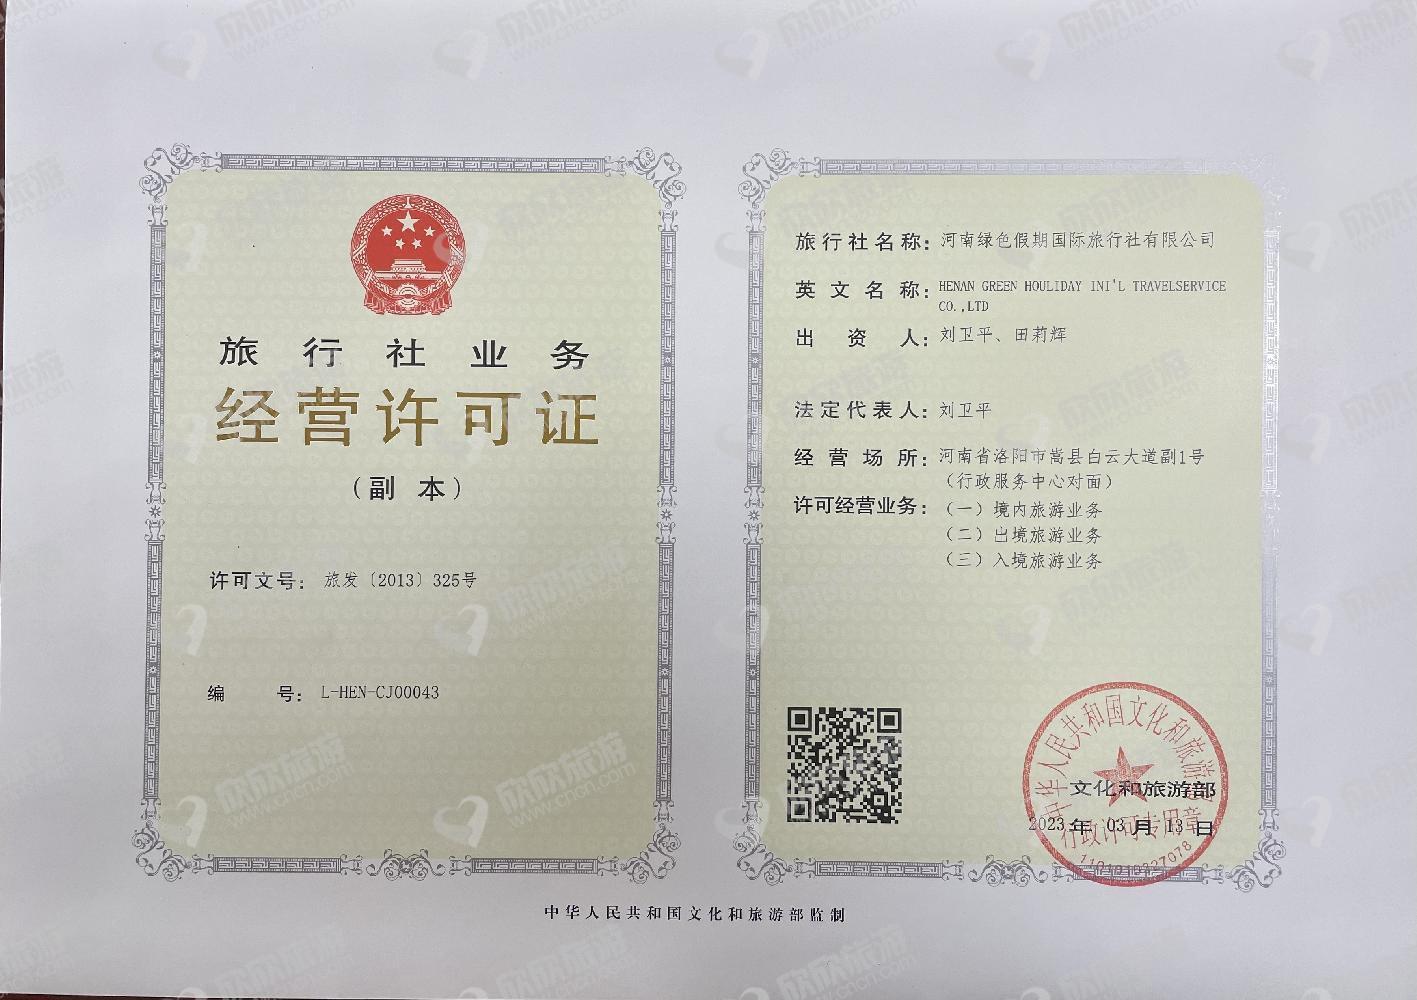 河南绿色假期国际旅行社有限公司经营许可证